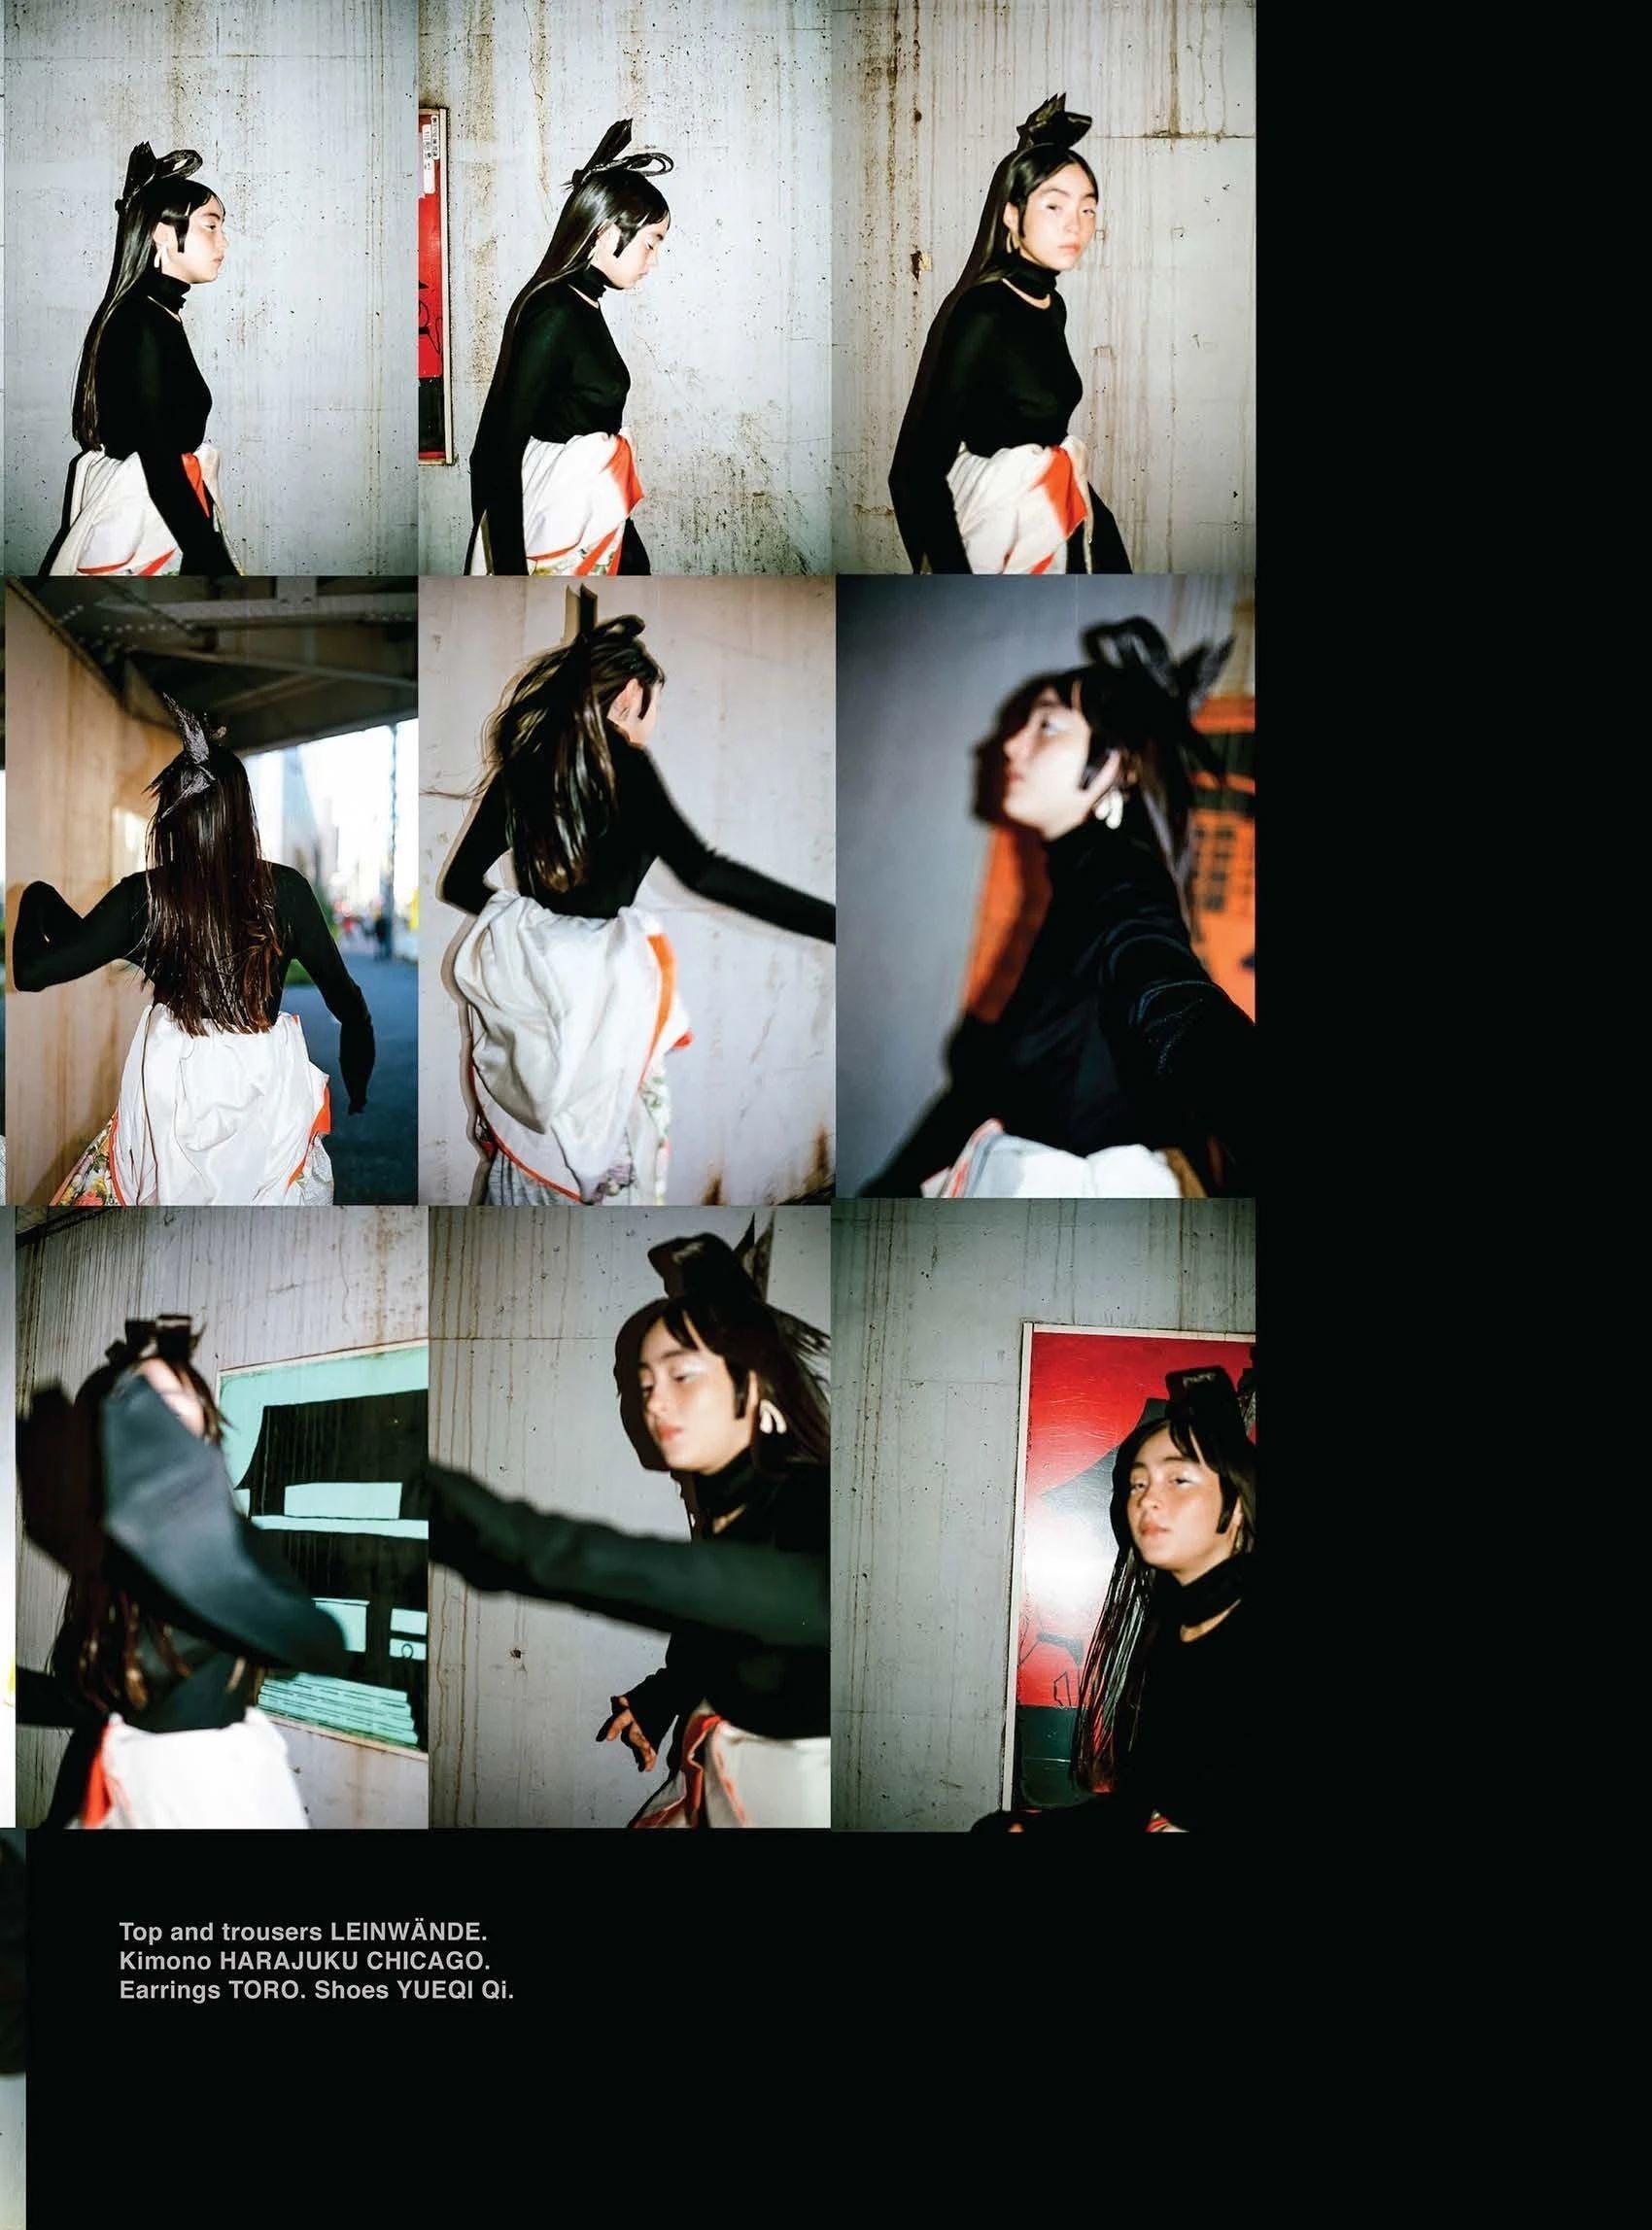 满脸雀斑却依旧很美的混血模特世理奈写真作品 (37)